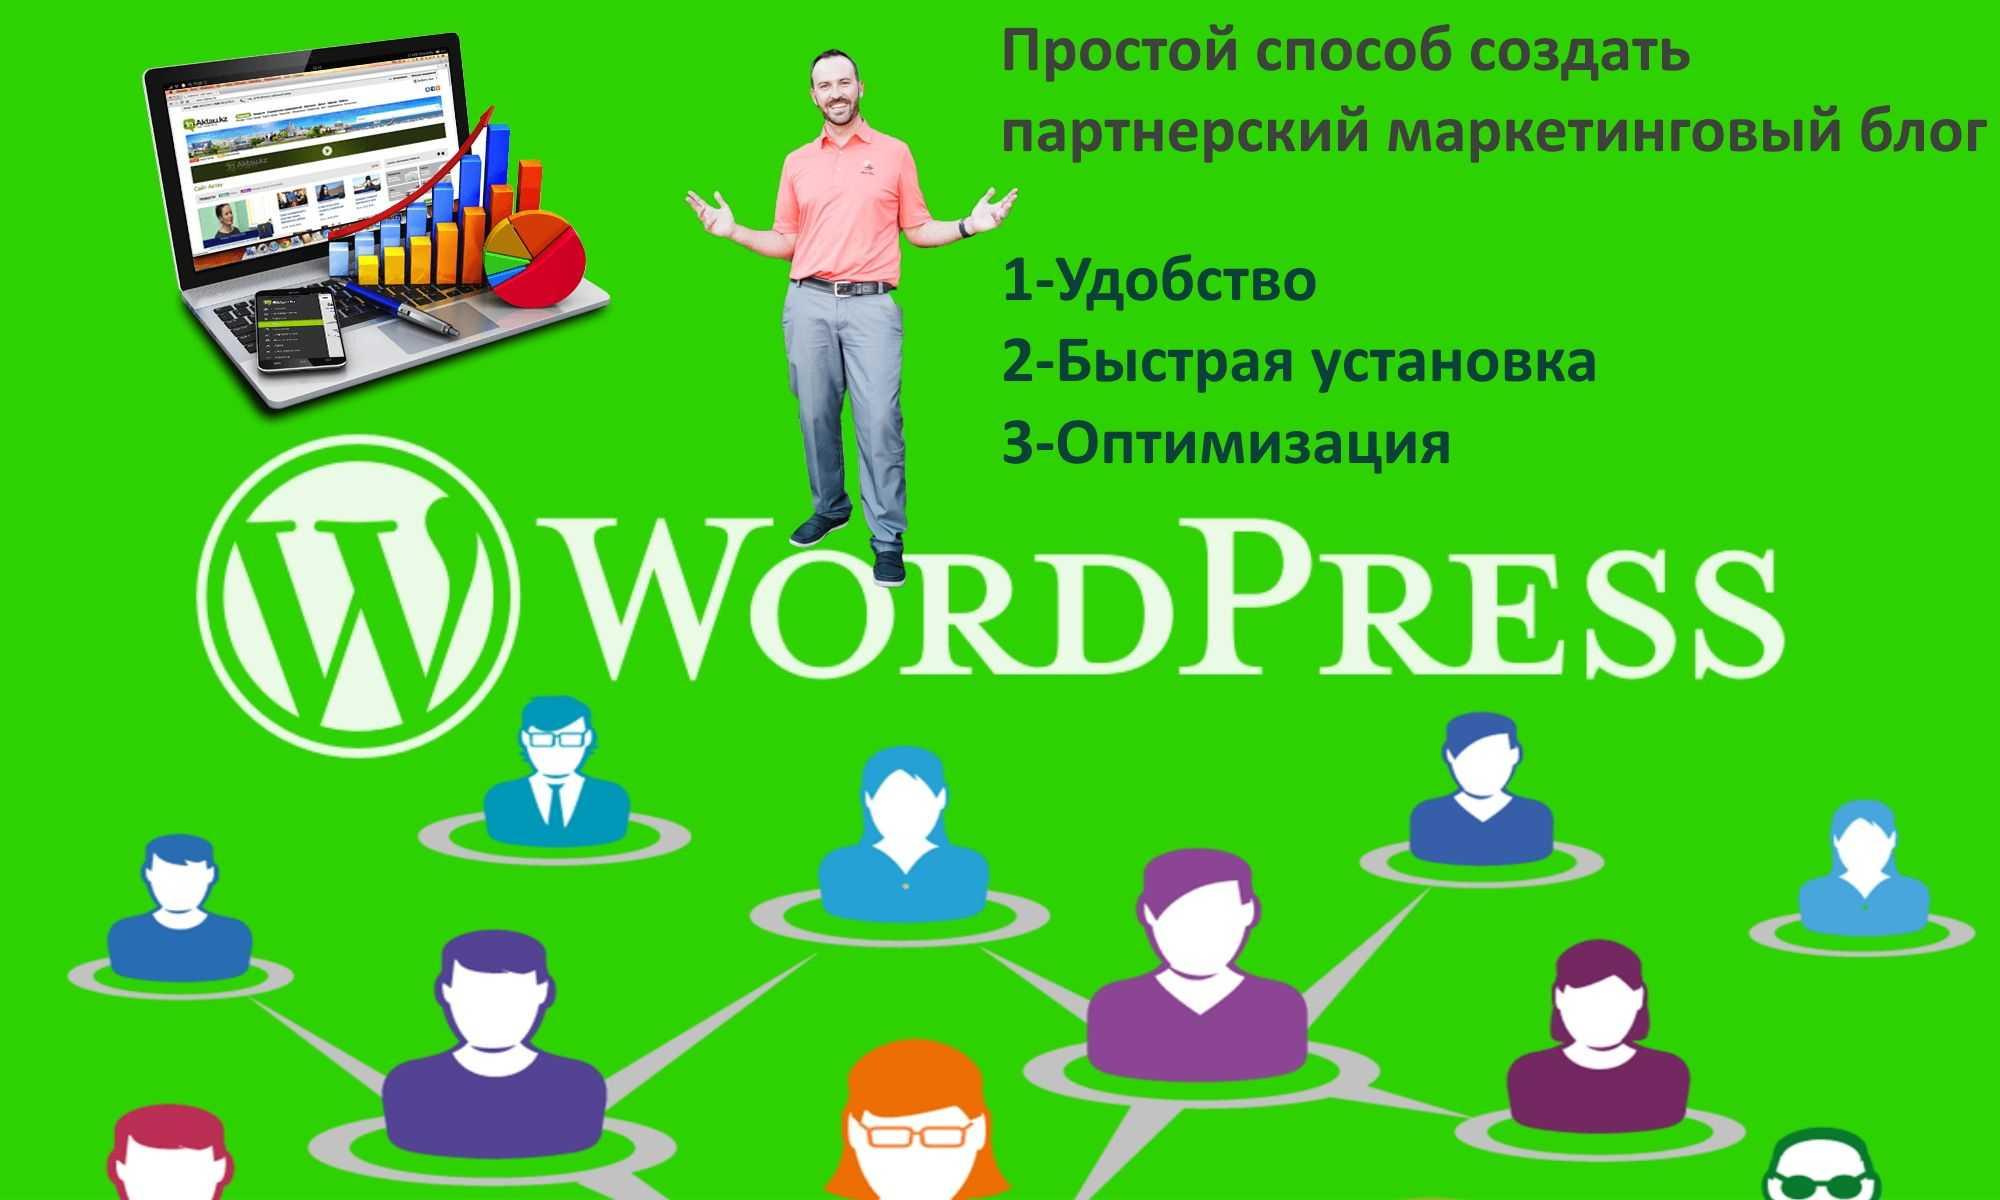 Простой способ создать партнерский маркетинговый блог